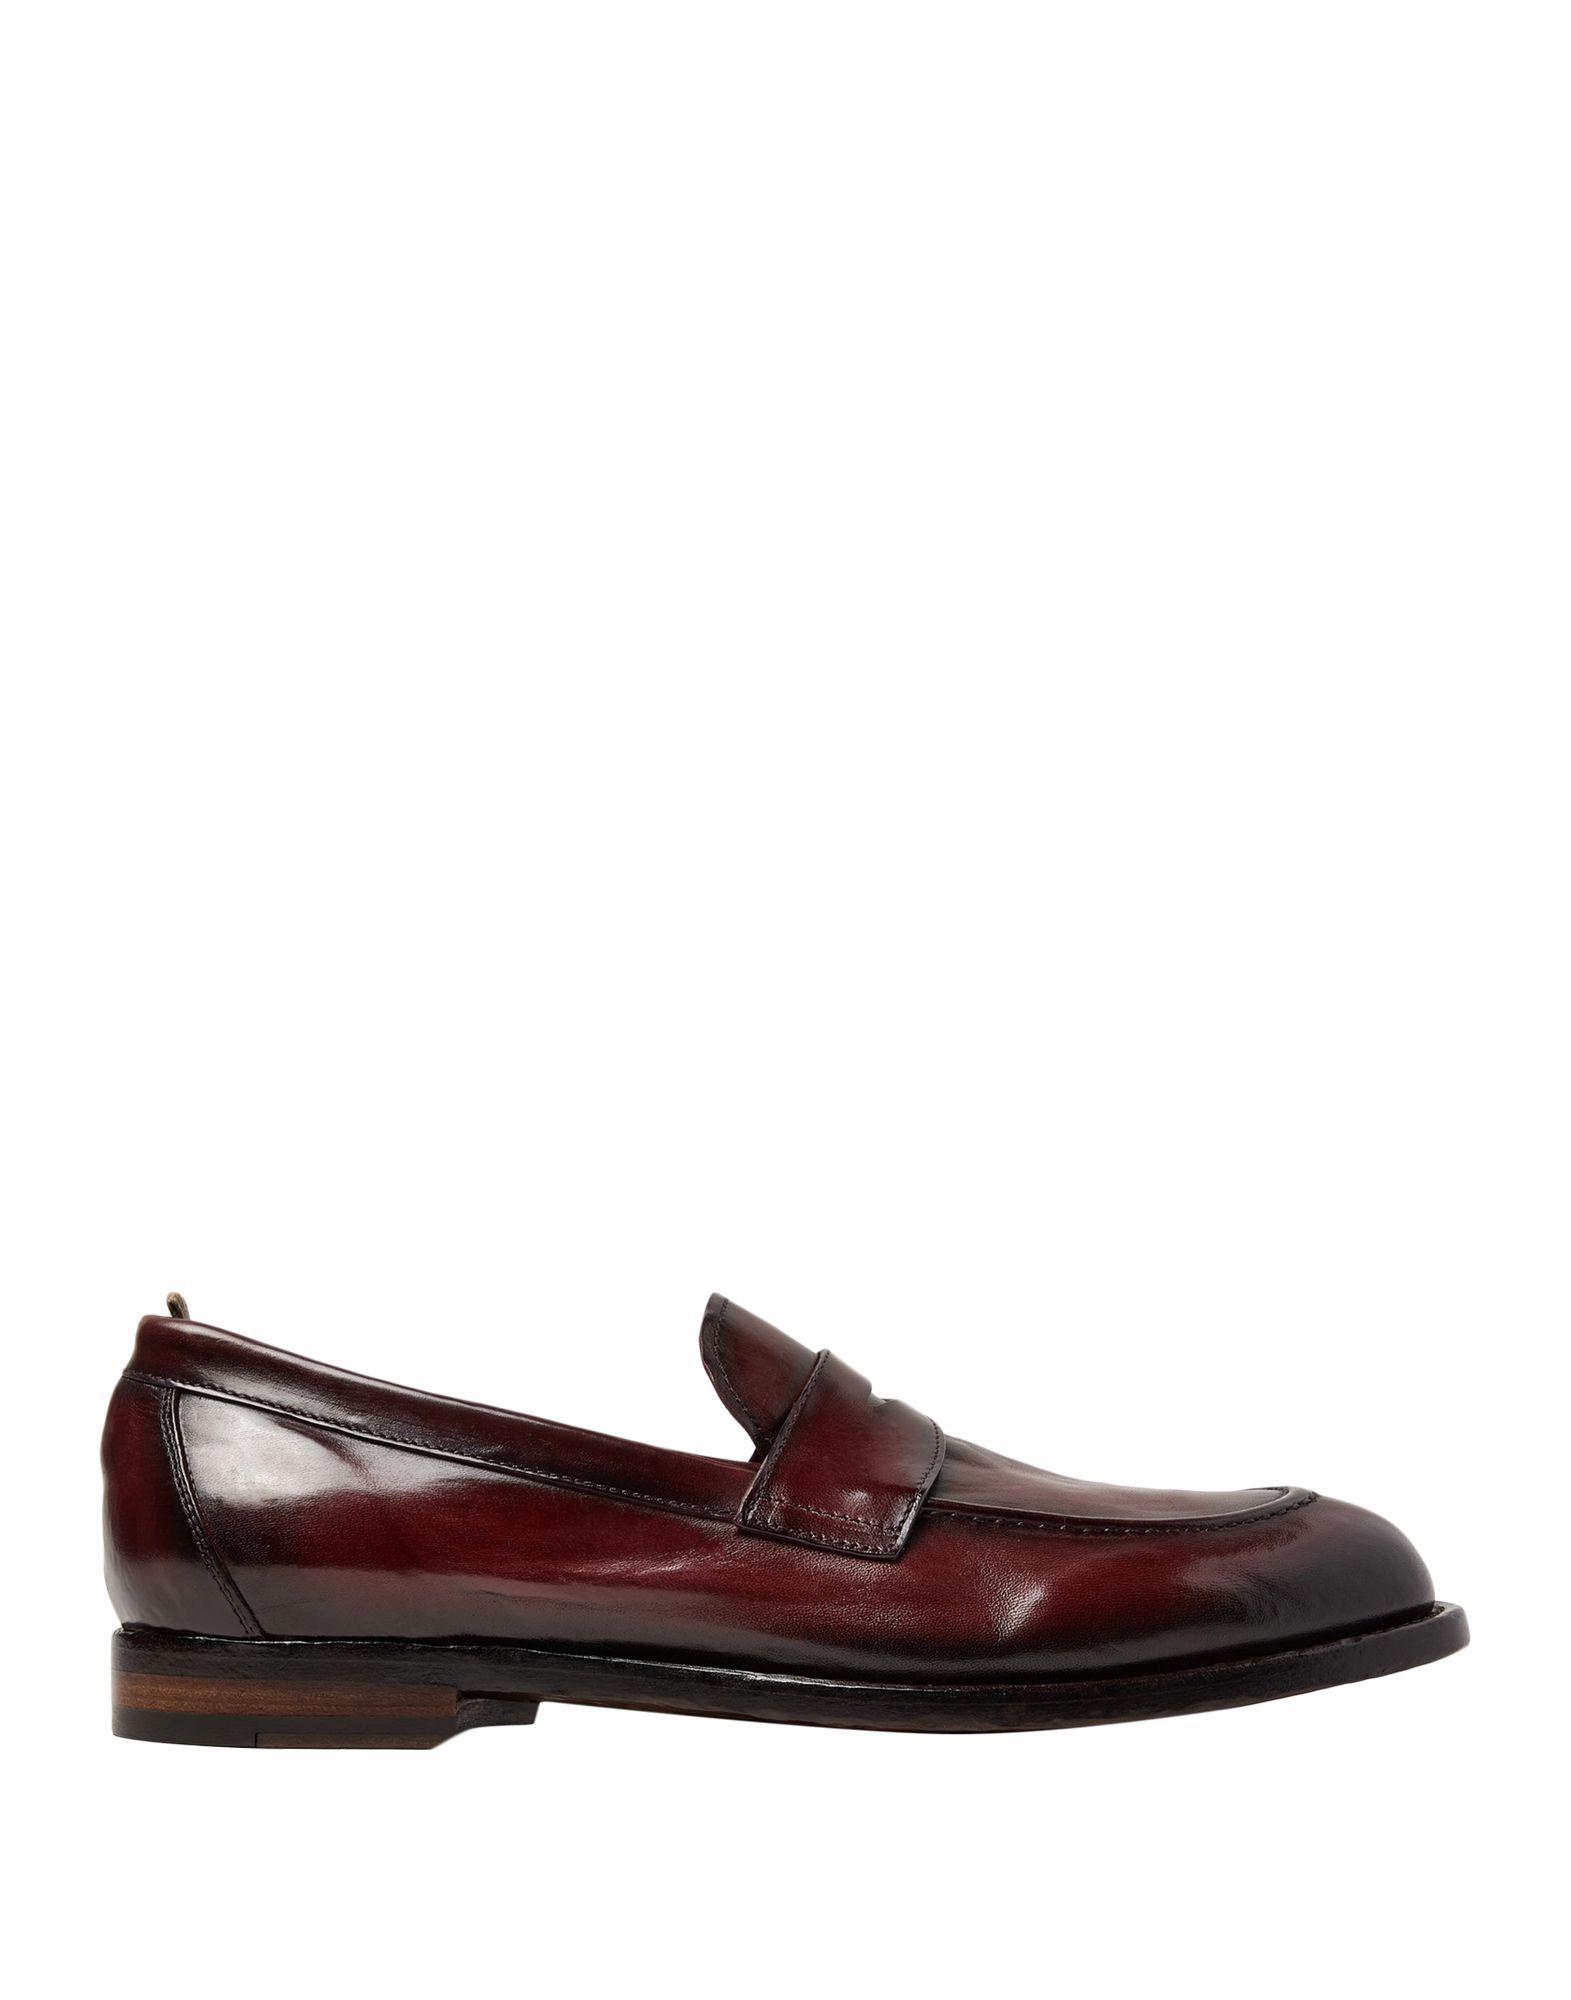 Officine Creative Italia Cocoa Leather Loafers